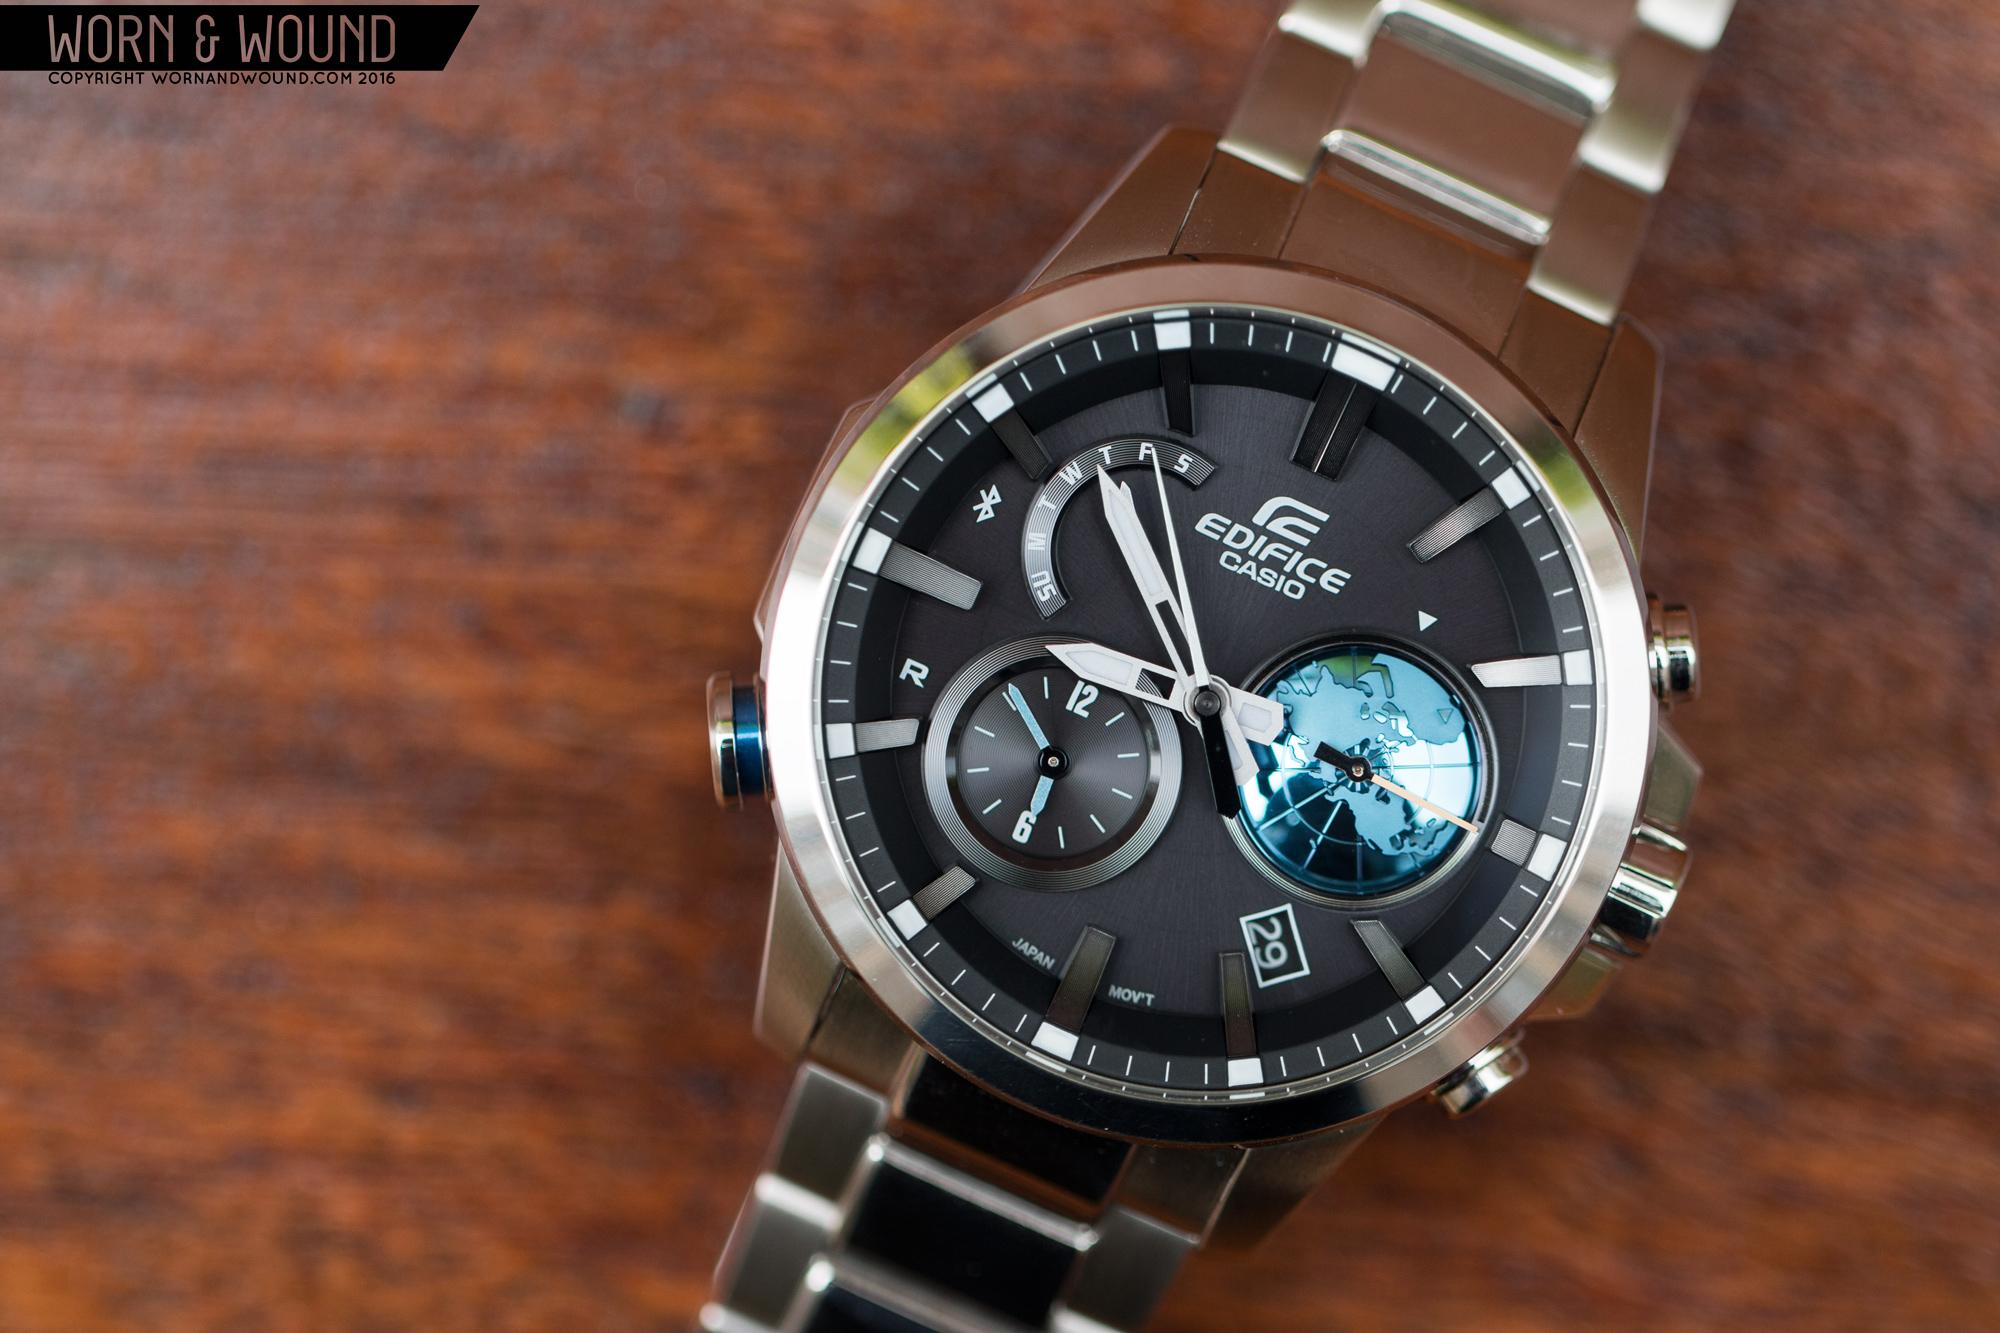 Thiết kế chi tiết đồng hồ Edifice chính hãng sắc nét.